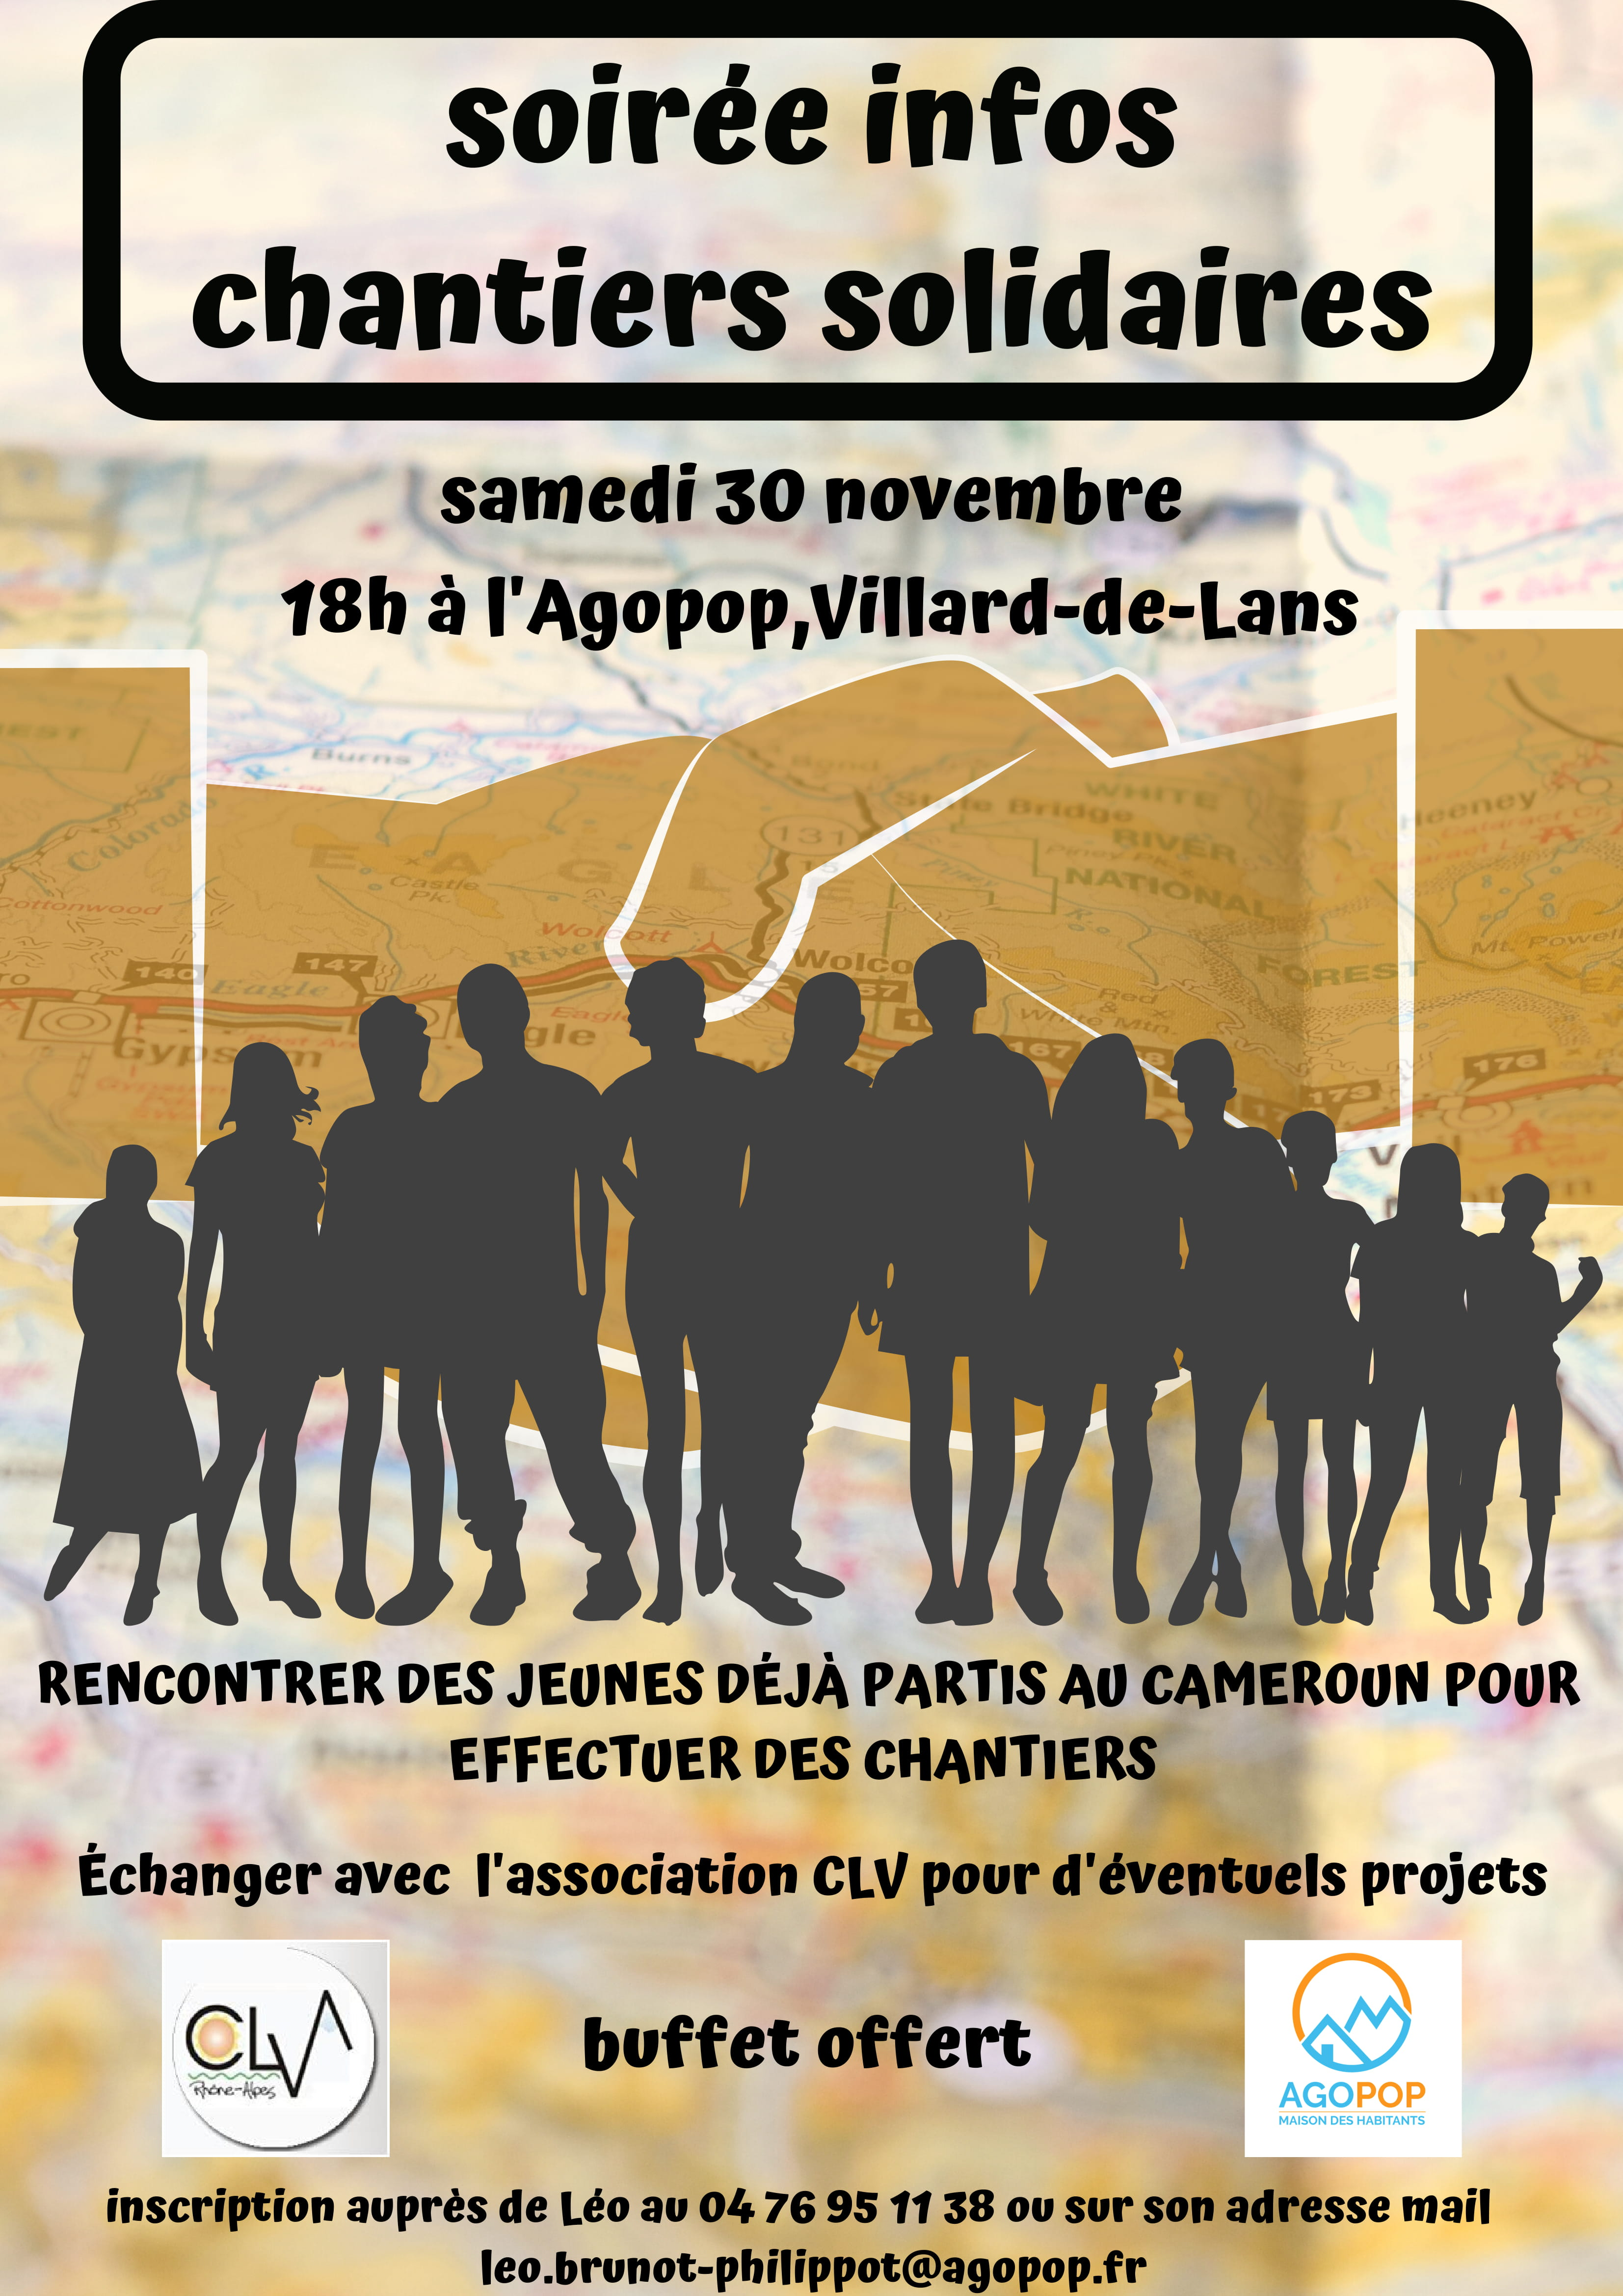 Soirée Chantiers Solidaires : rencontrer les jeunes qui sont partis, préparer son projet